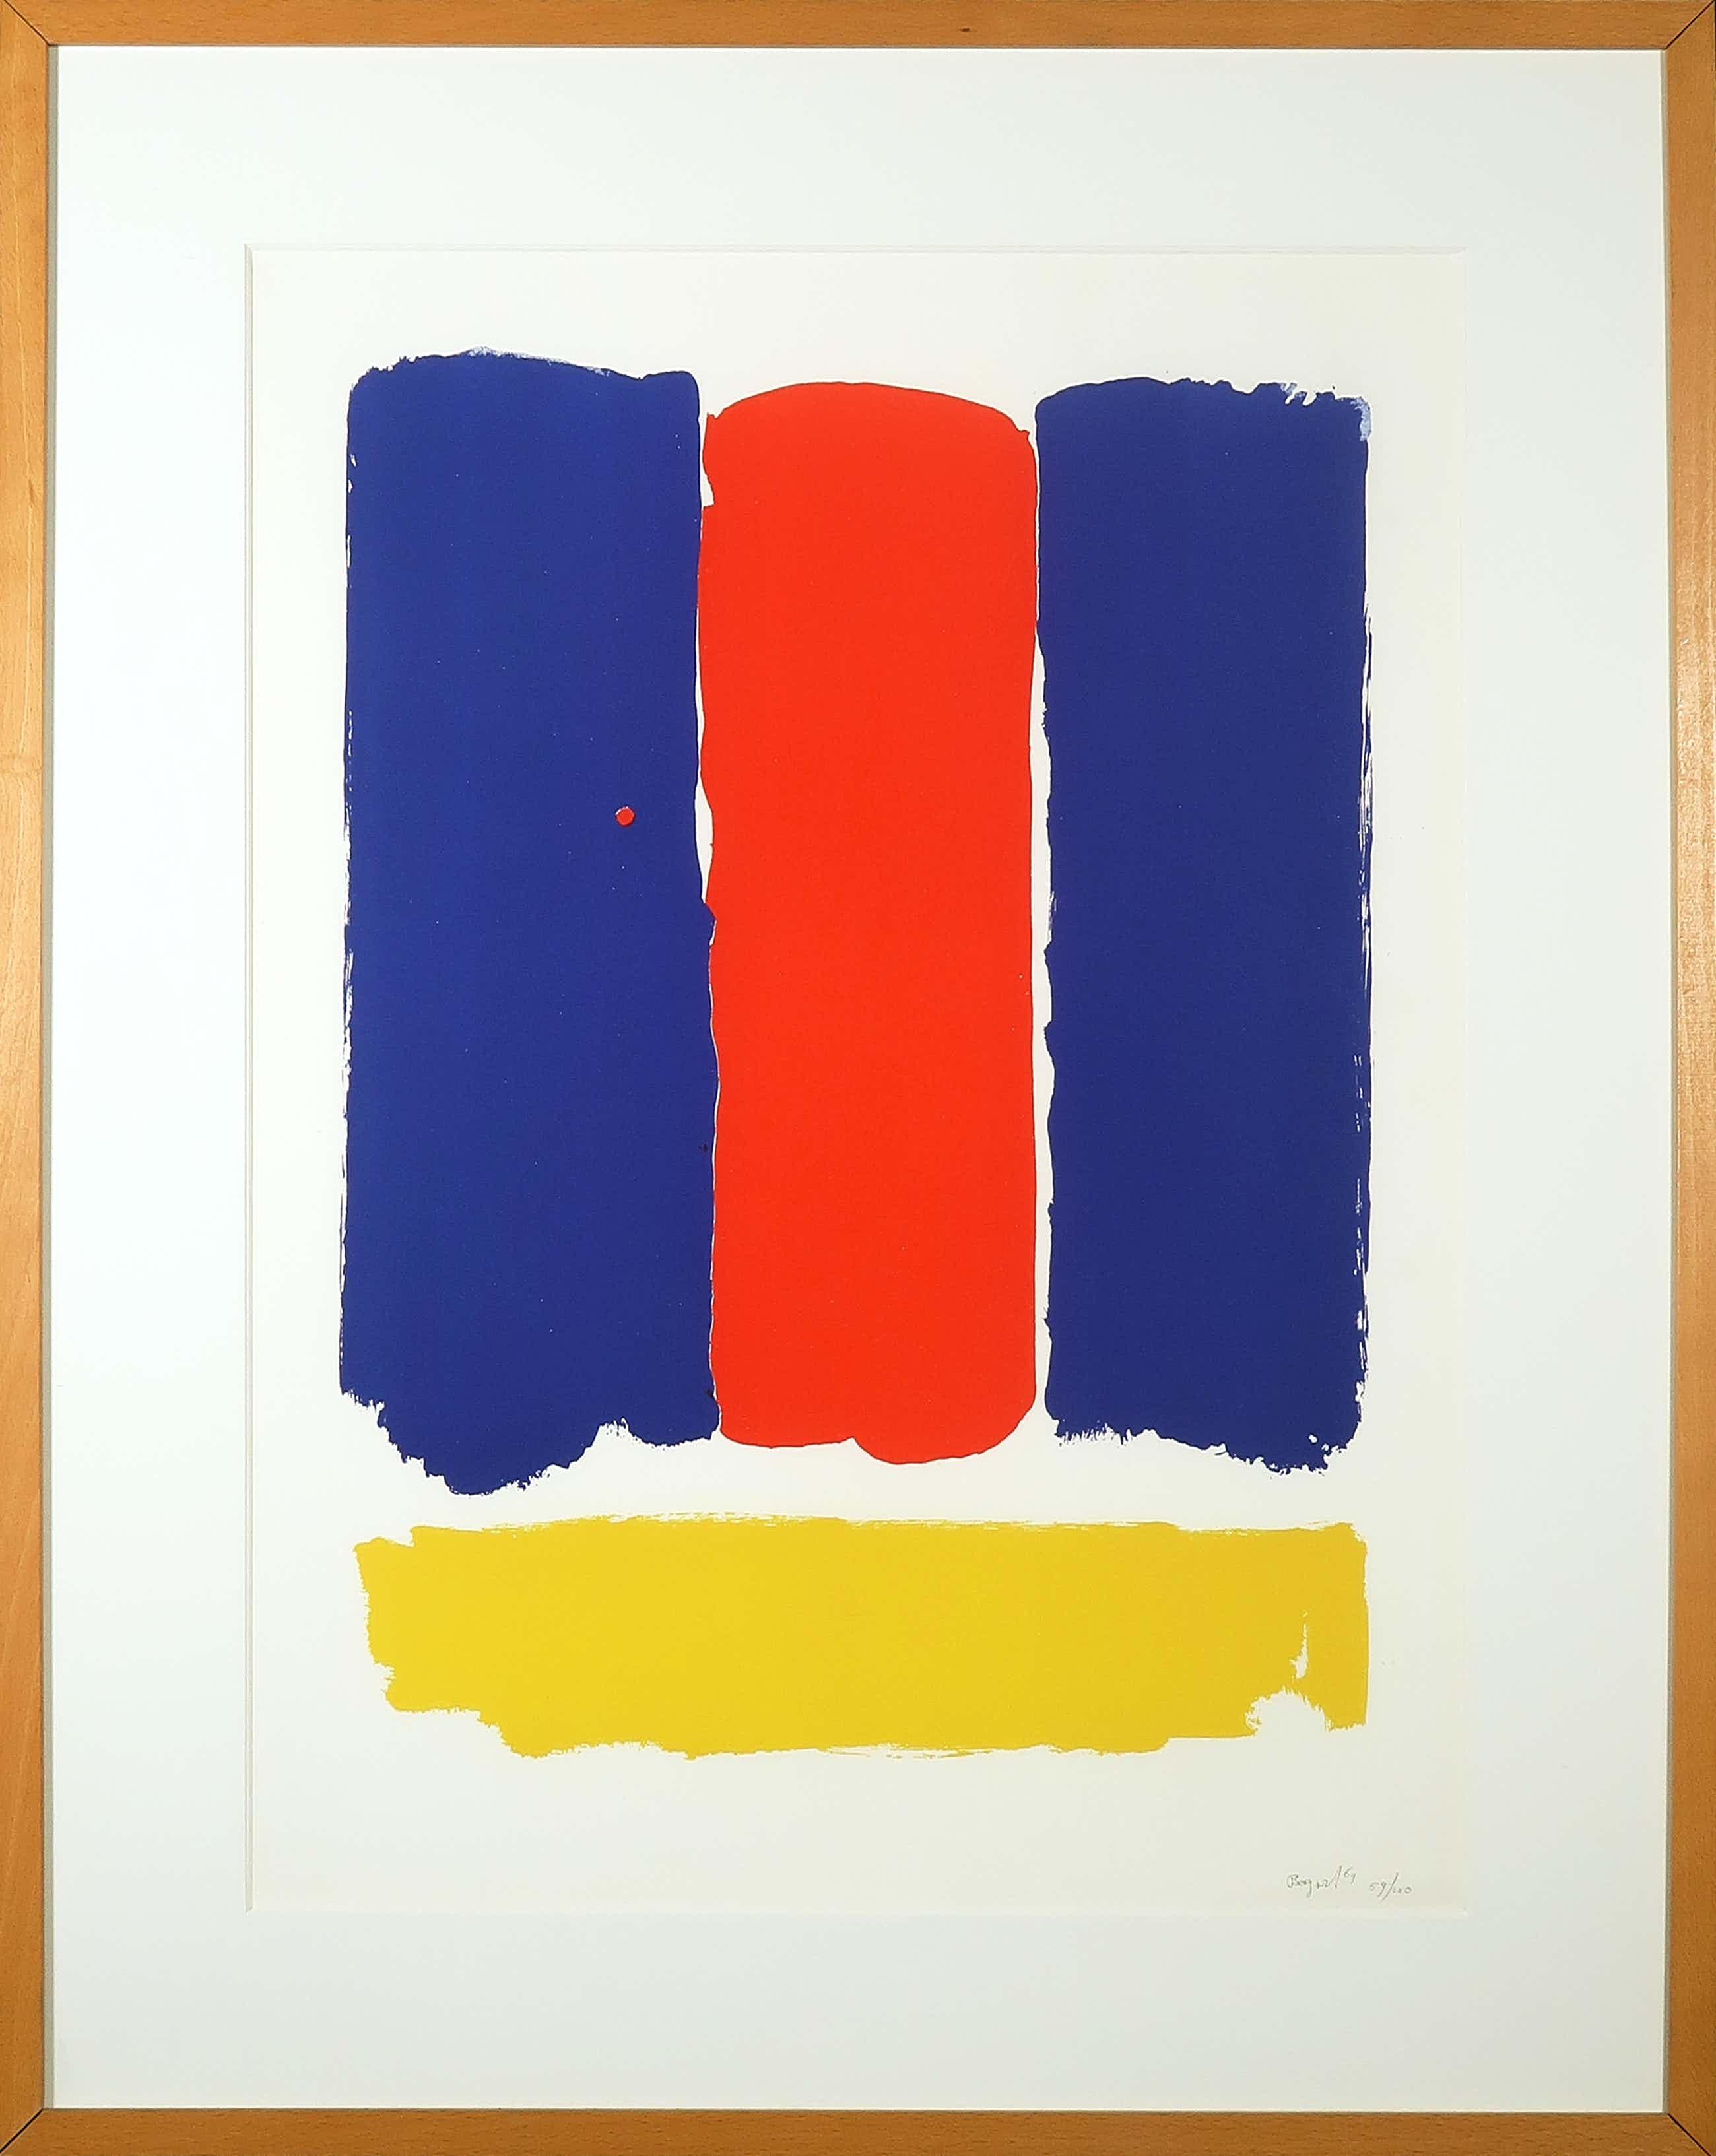 Bram Bogart - Zeefdruk, Z.T. Compositie met rood, geel en blauw - Ingelijst kopen? Bied vanaf 350!